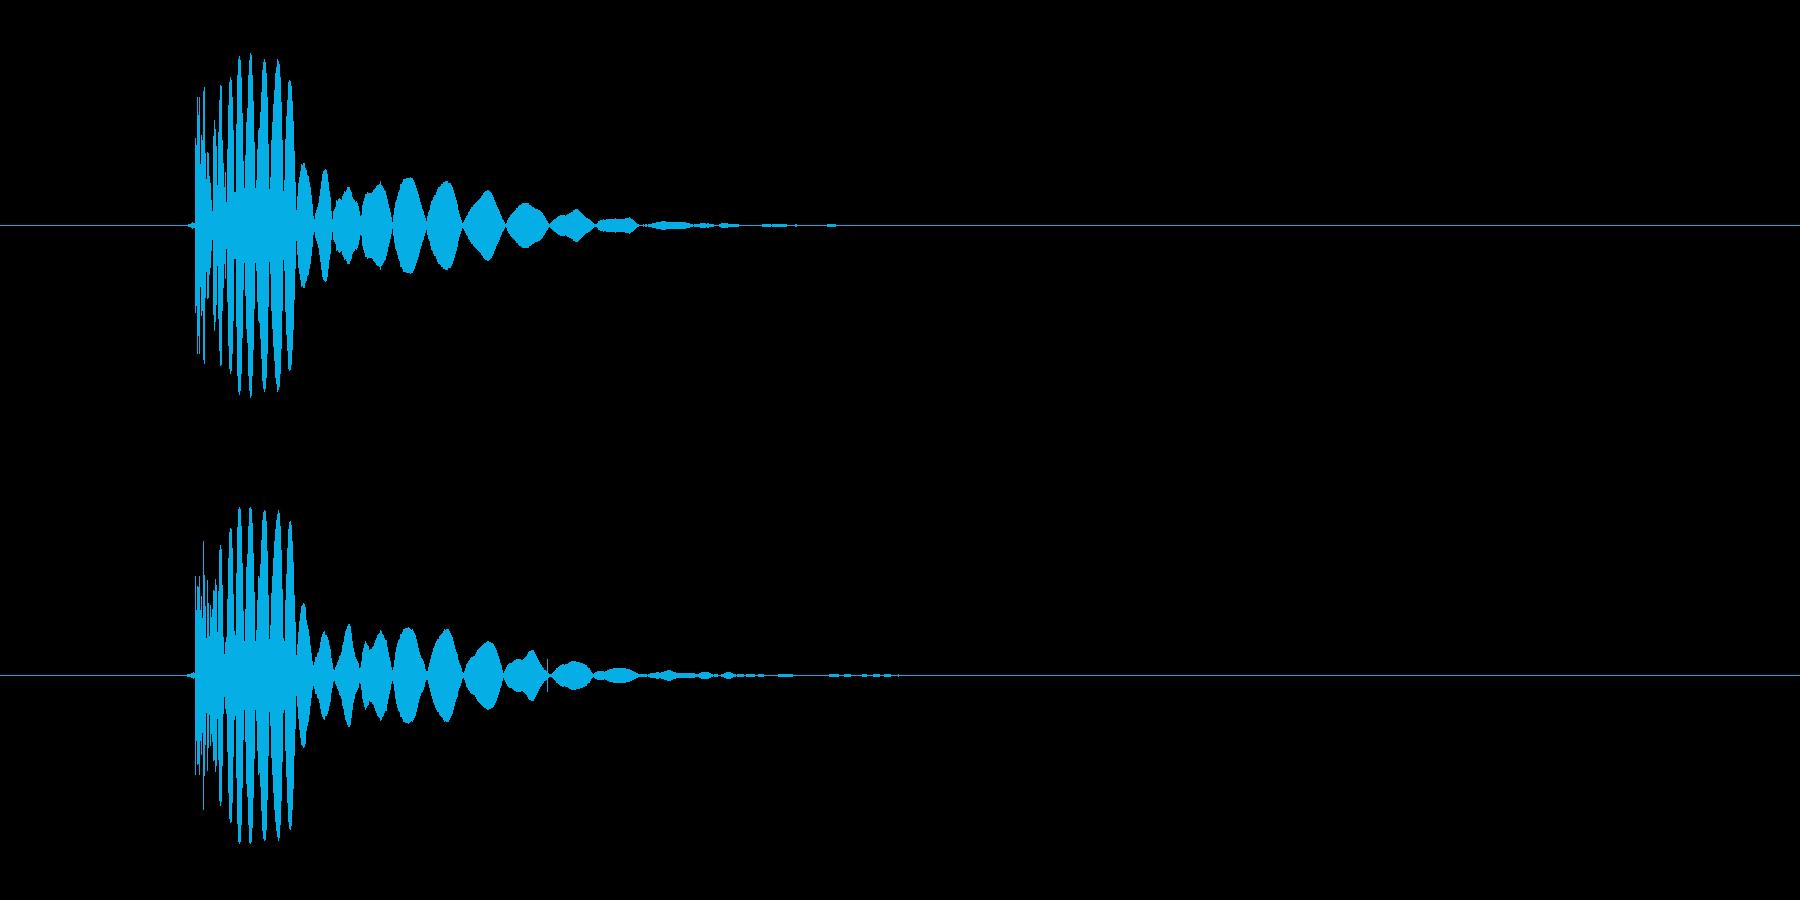 ヒット音(蹴る-5 打撃のインパクト音)の再生済みの波形